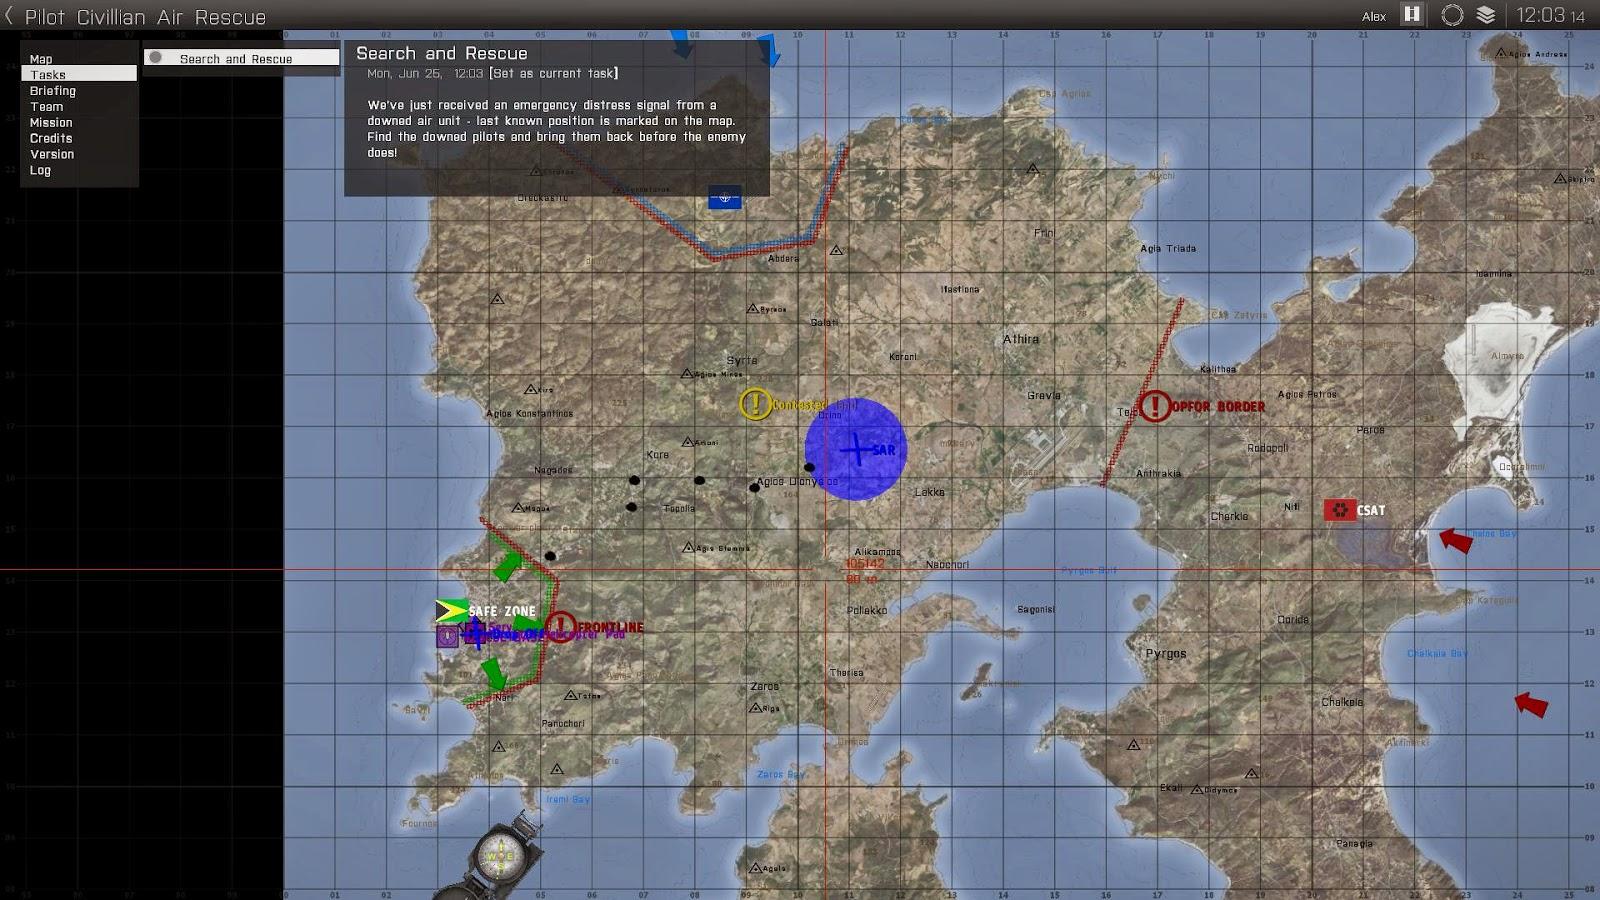 Arma 3 Altis Life Fertige Maps Of The World - fasrcourses